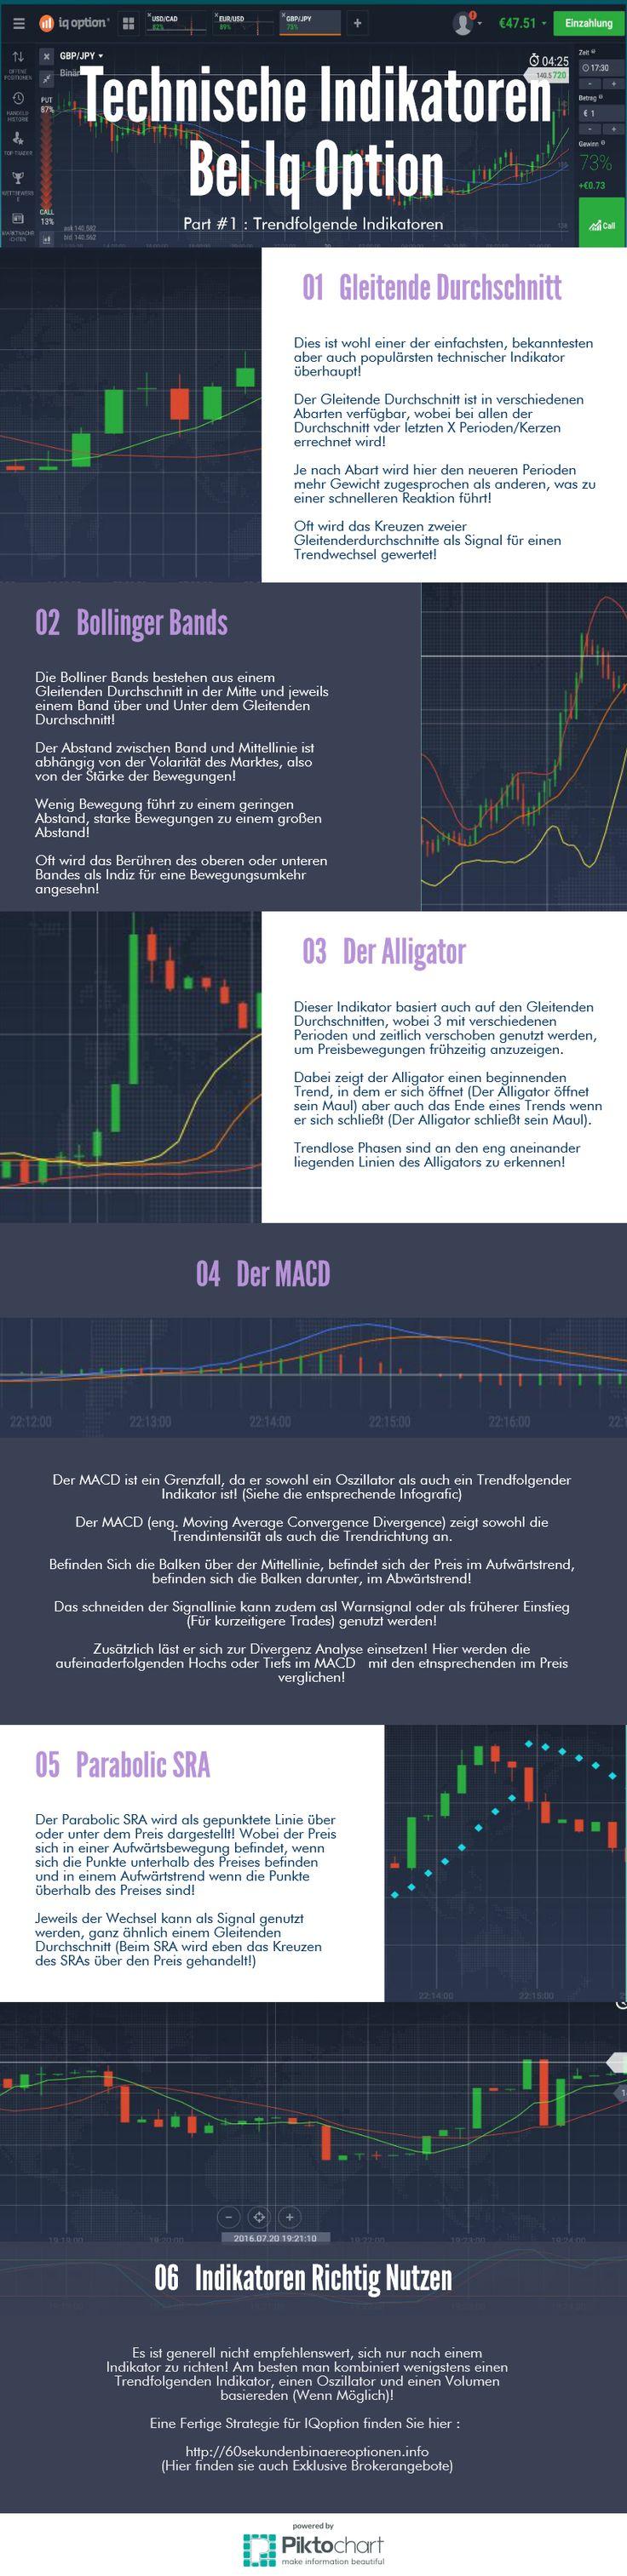 Mehr Informationen zu trendfolgenden Indikatoren und wie man sie einsetzt…